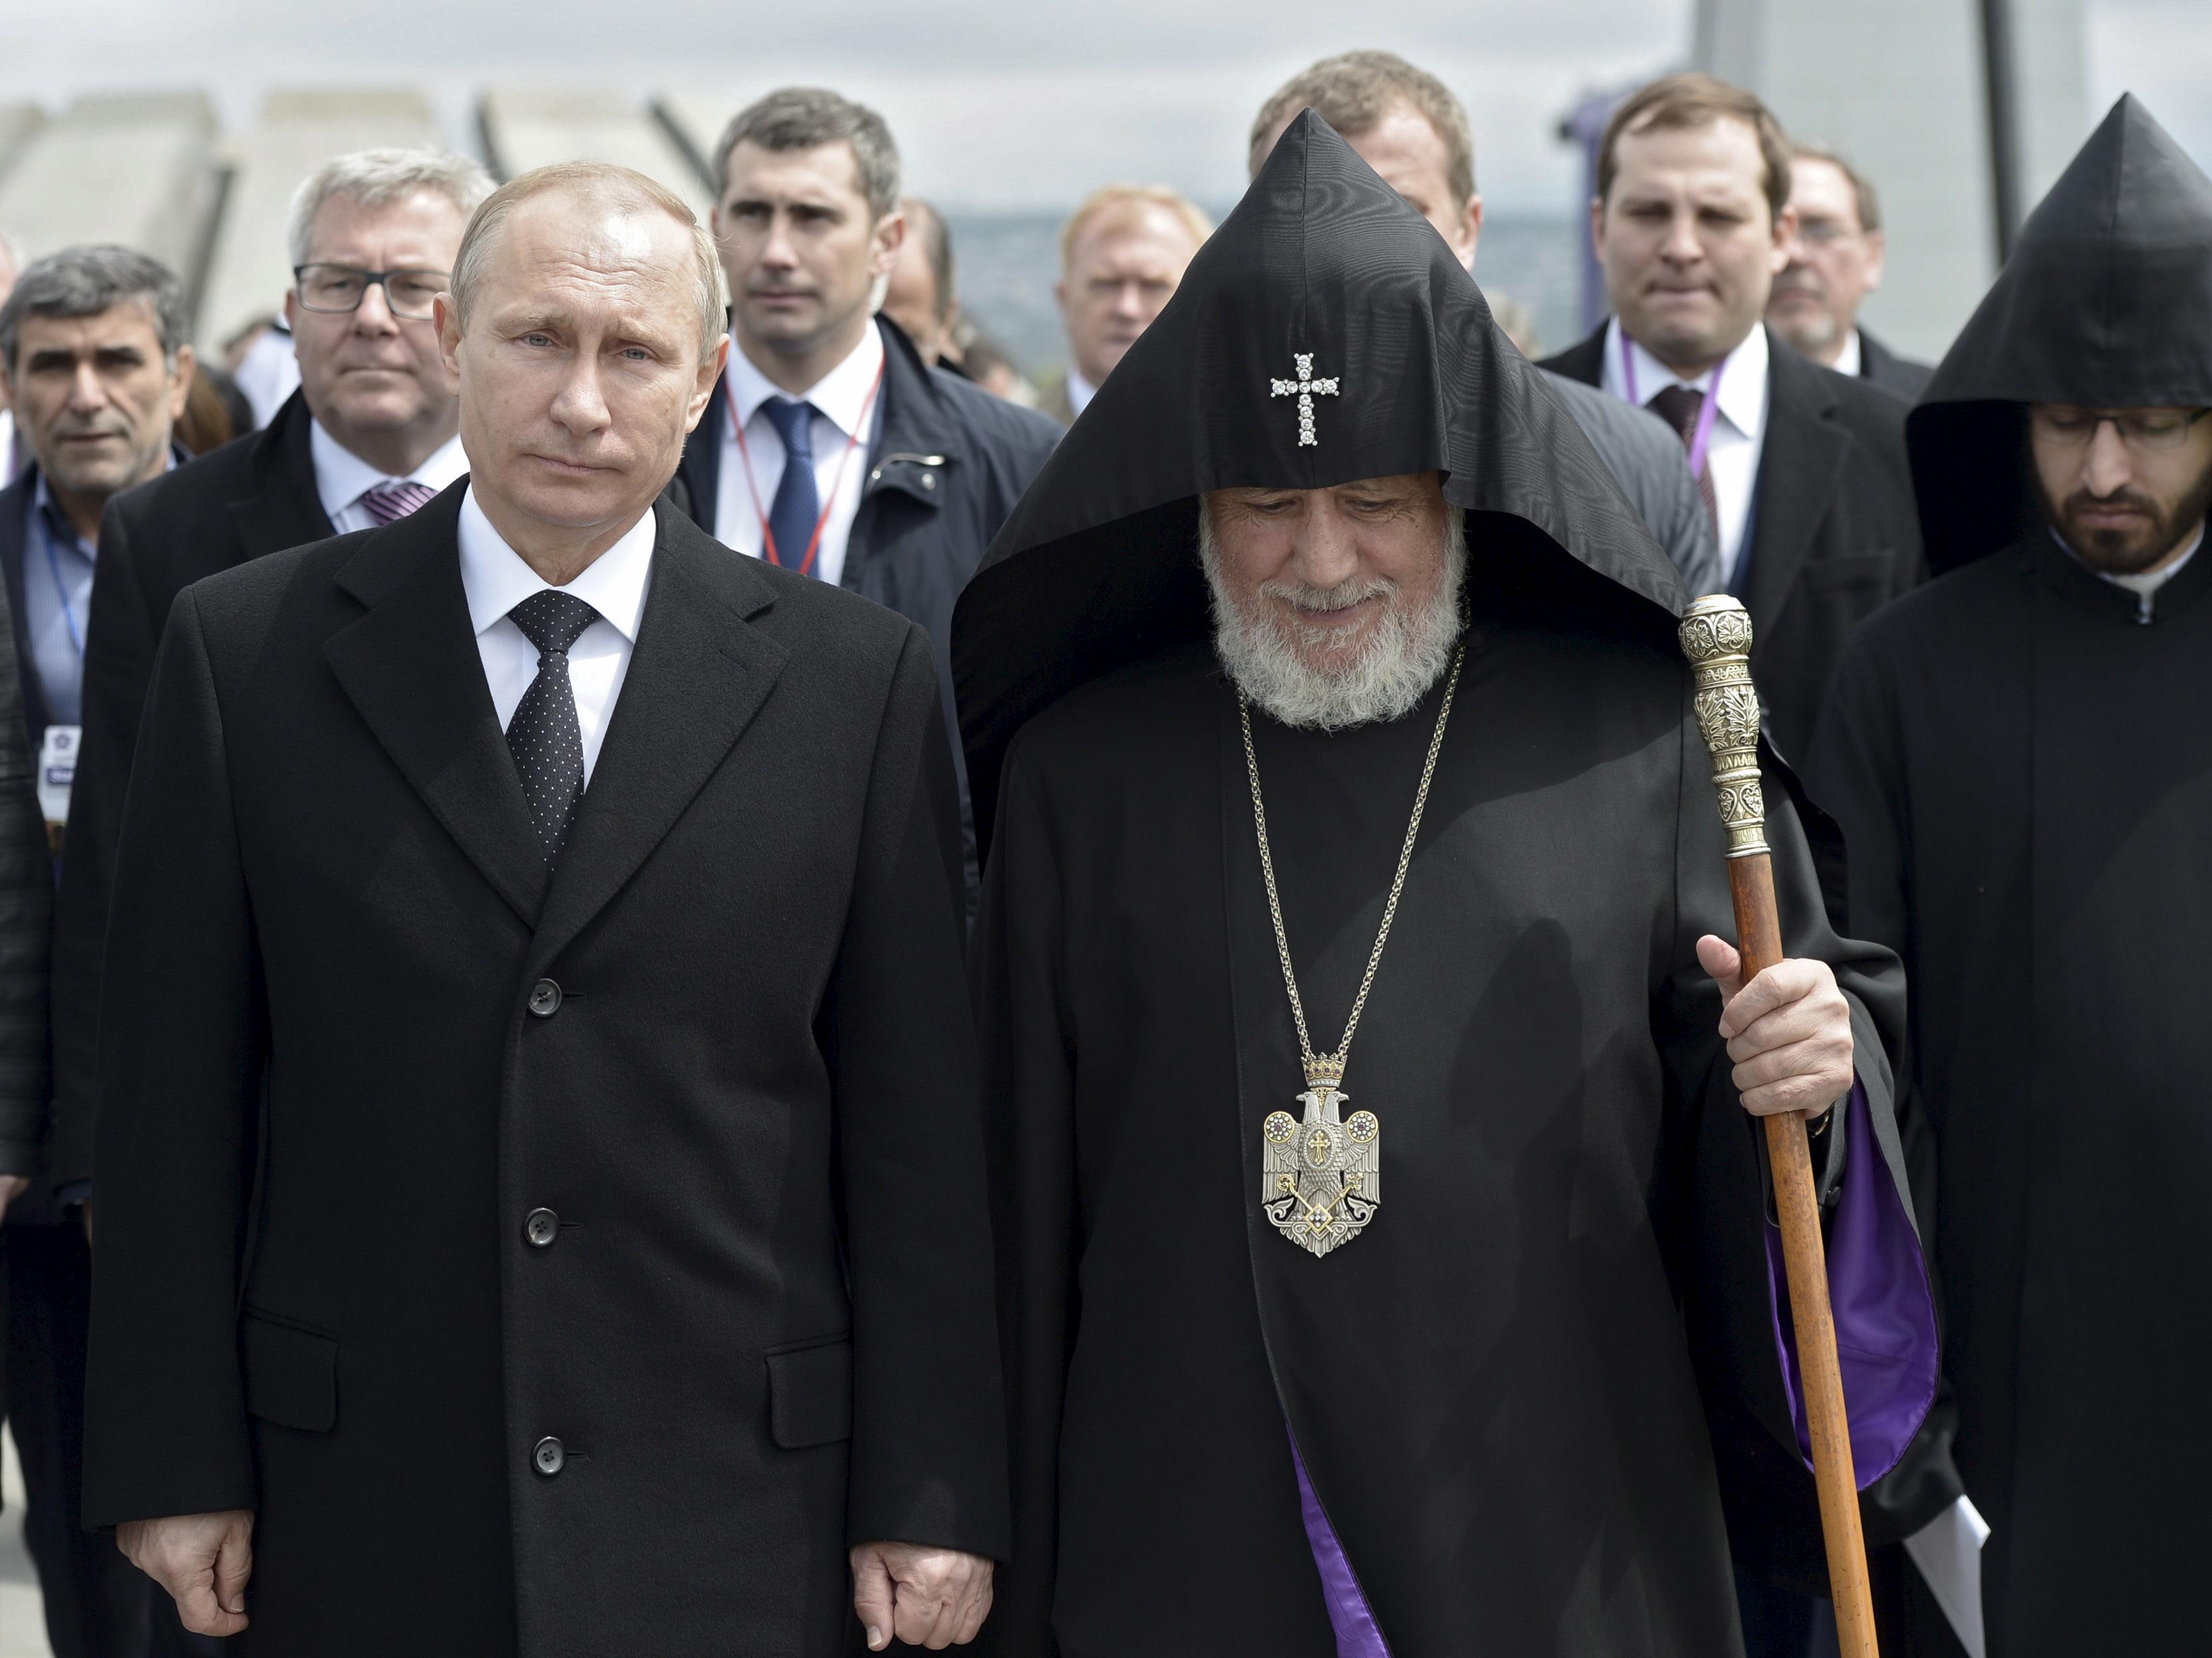 Armenians Mark A Century Since World War I Massacre